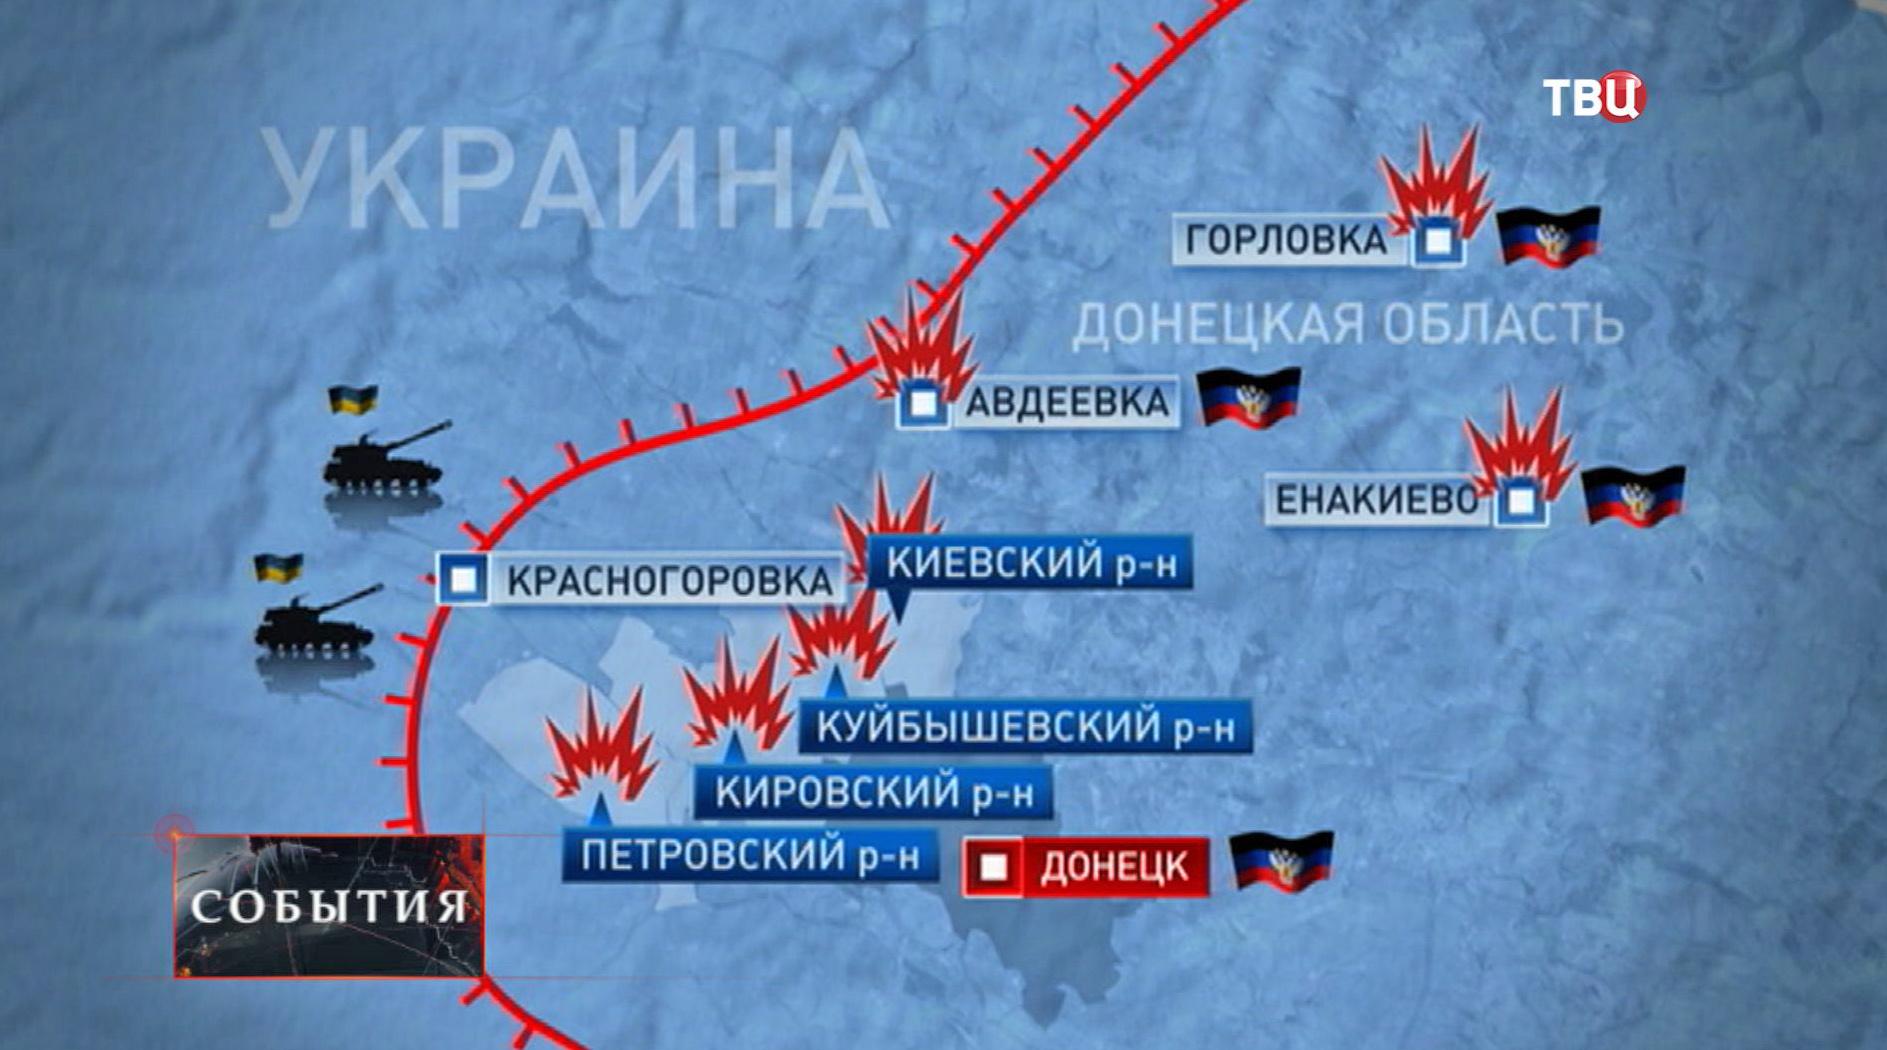 Карта военных действий на востоке Украины